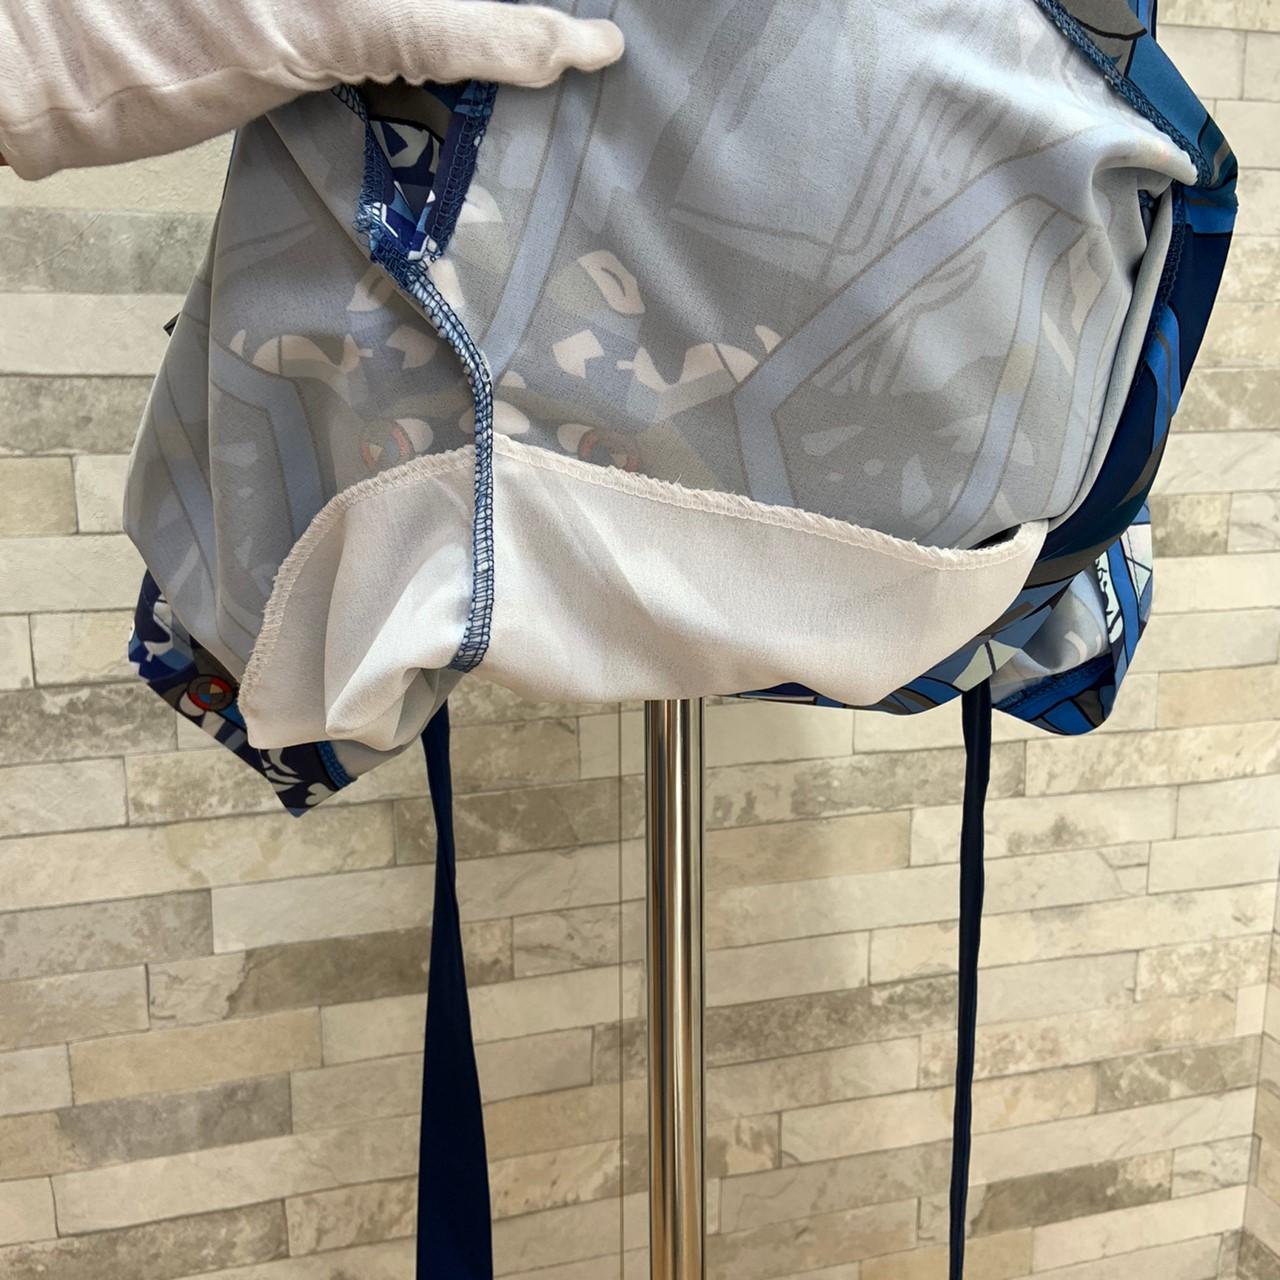 【即納】韓国 ファッション ワンピース パーティードレス ひざ丈 ミディアム 夏 春 パーティー ブライダル SPTXB517 結婚式 お呼ばれ ゴージャス レトロ スカーフ 二次会 セレブ きれいめの写真15枚目